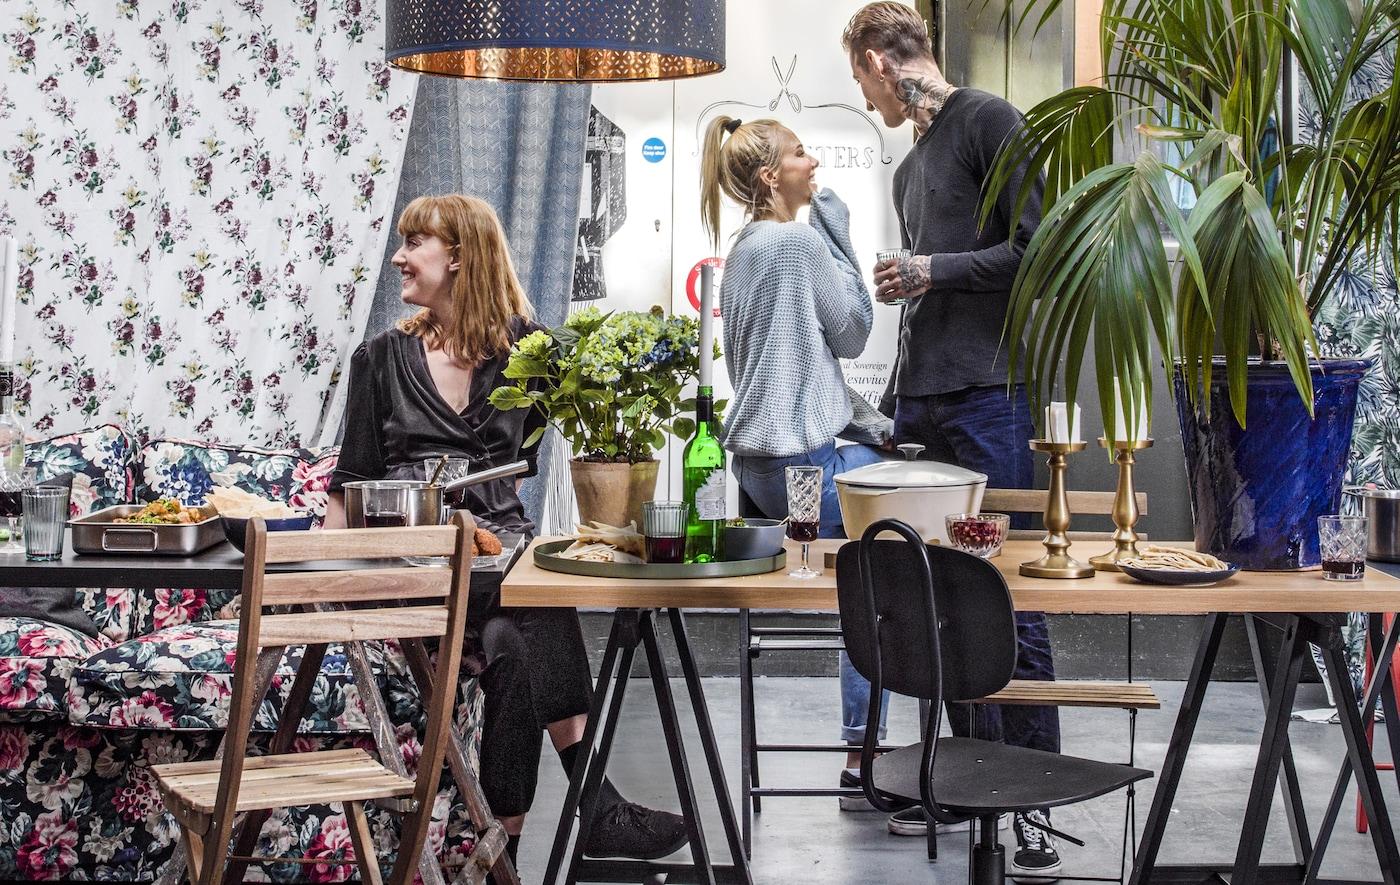 Una col·lecció de taula de menjador i cadires amb unes quantes persones conversant.